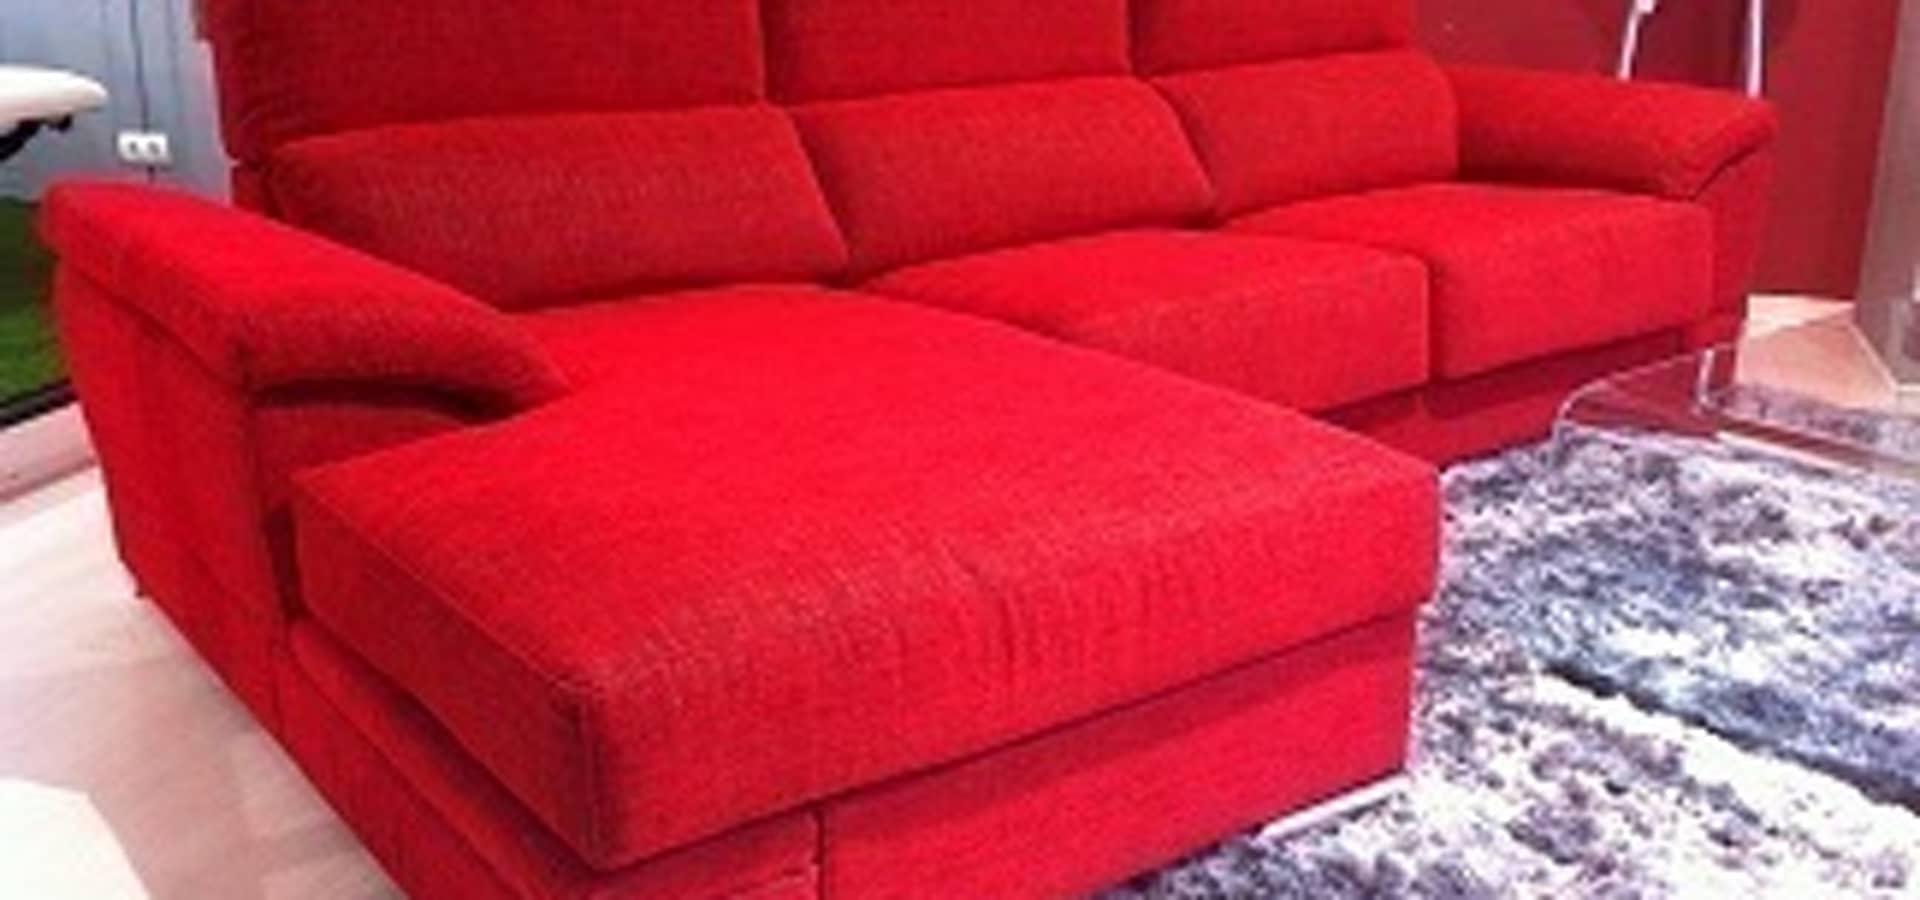 Sillones Madrid 87dx Lbs sofas Sillas Sillones Muebles Y Accesorios En Madrid Homify